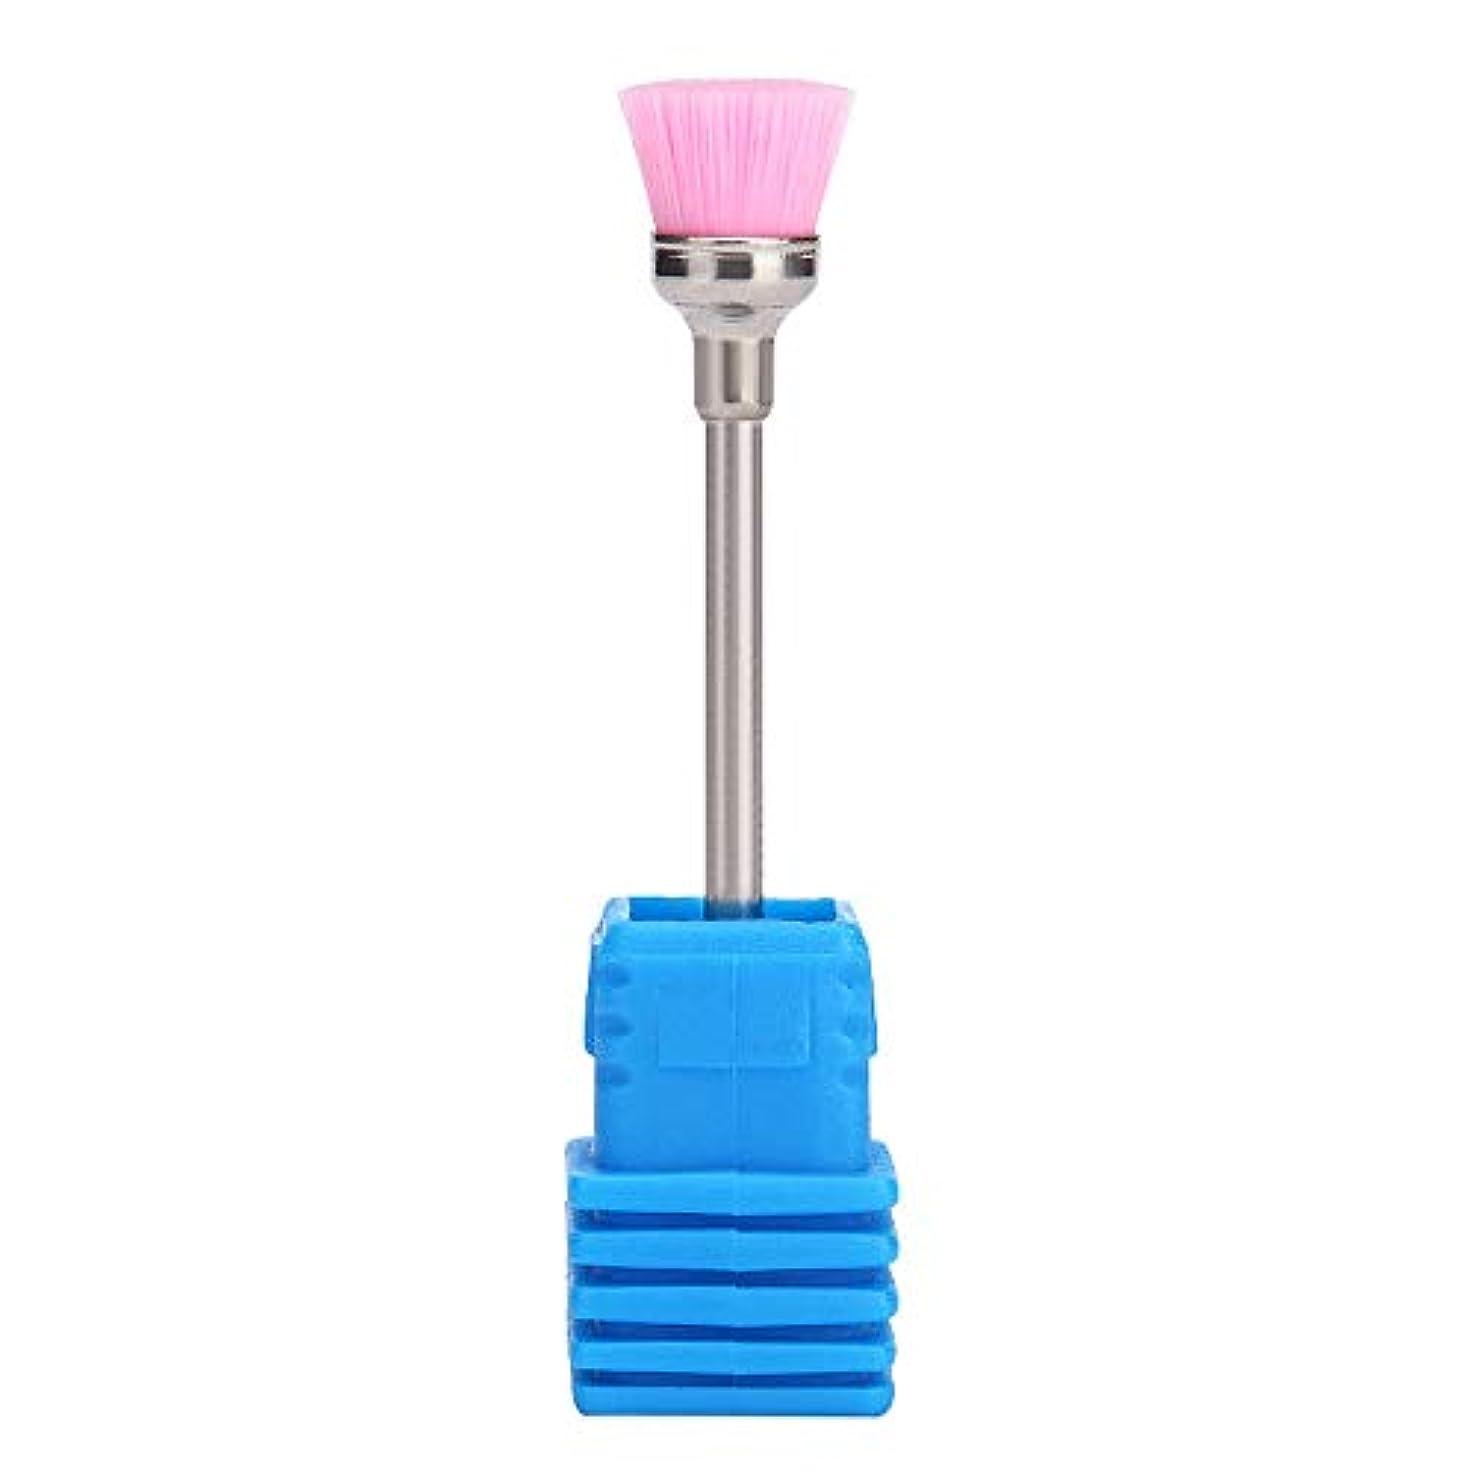 こっそりランプジョイントLazayyii 女性 ネイルブラシ ネイル ドリルビット 清掃用具 (ピンク)